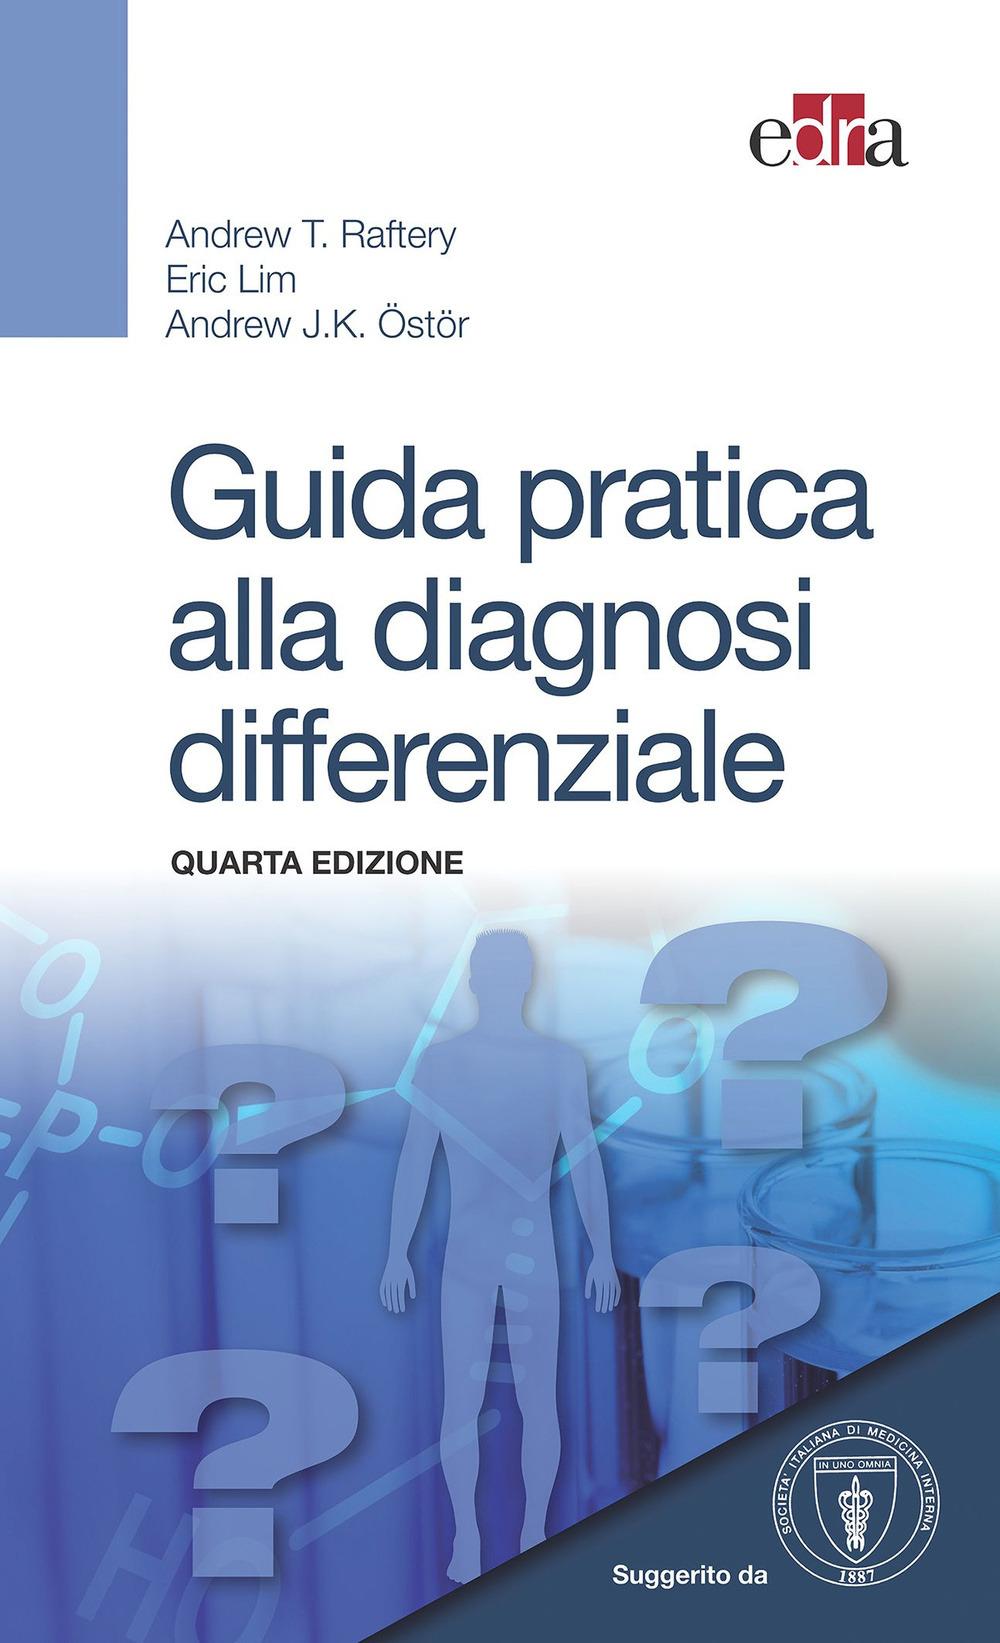 Guida pratica alla diagnosi differenziale